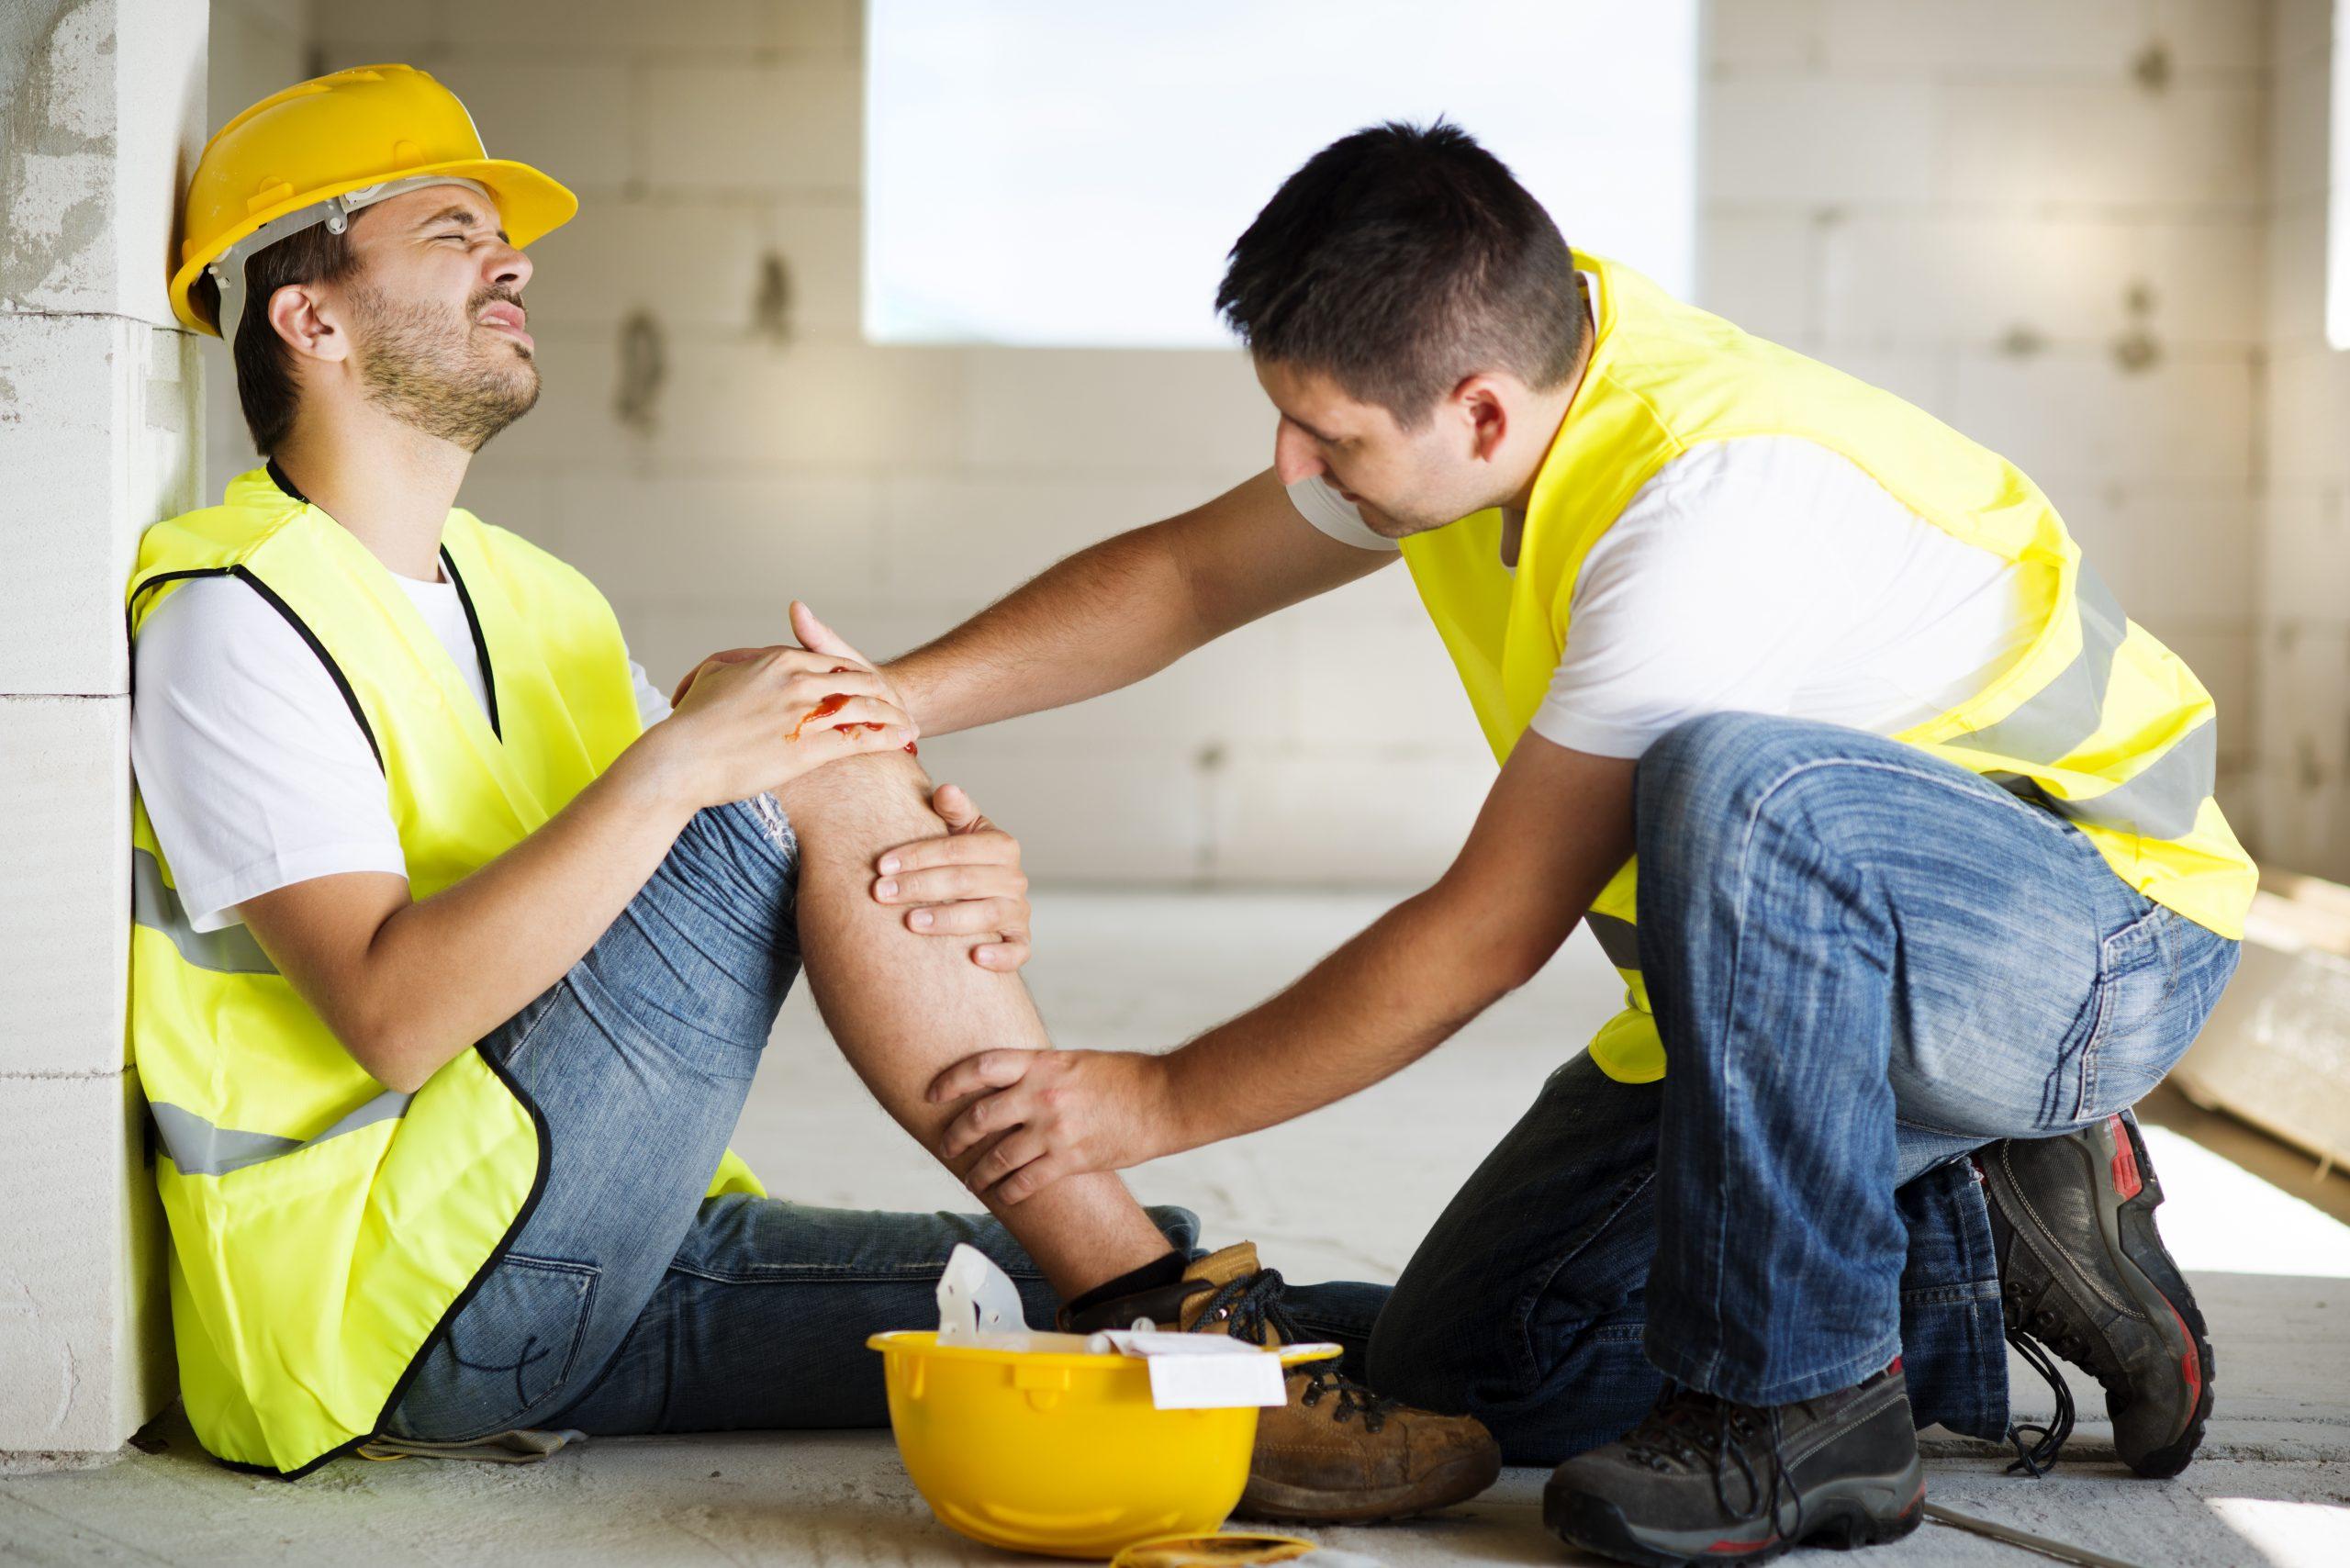 helping injured